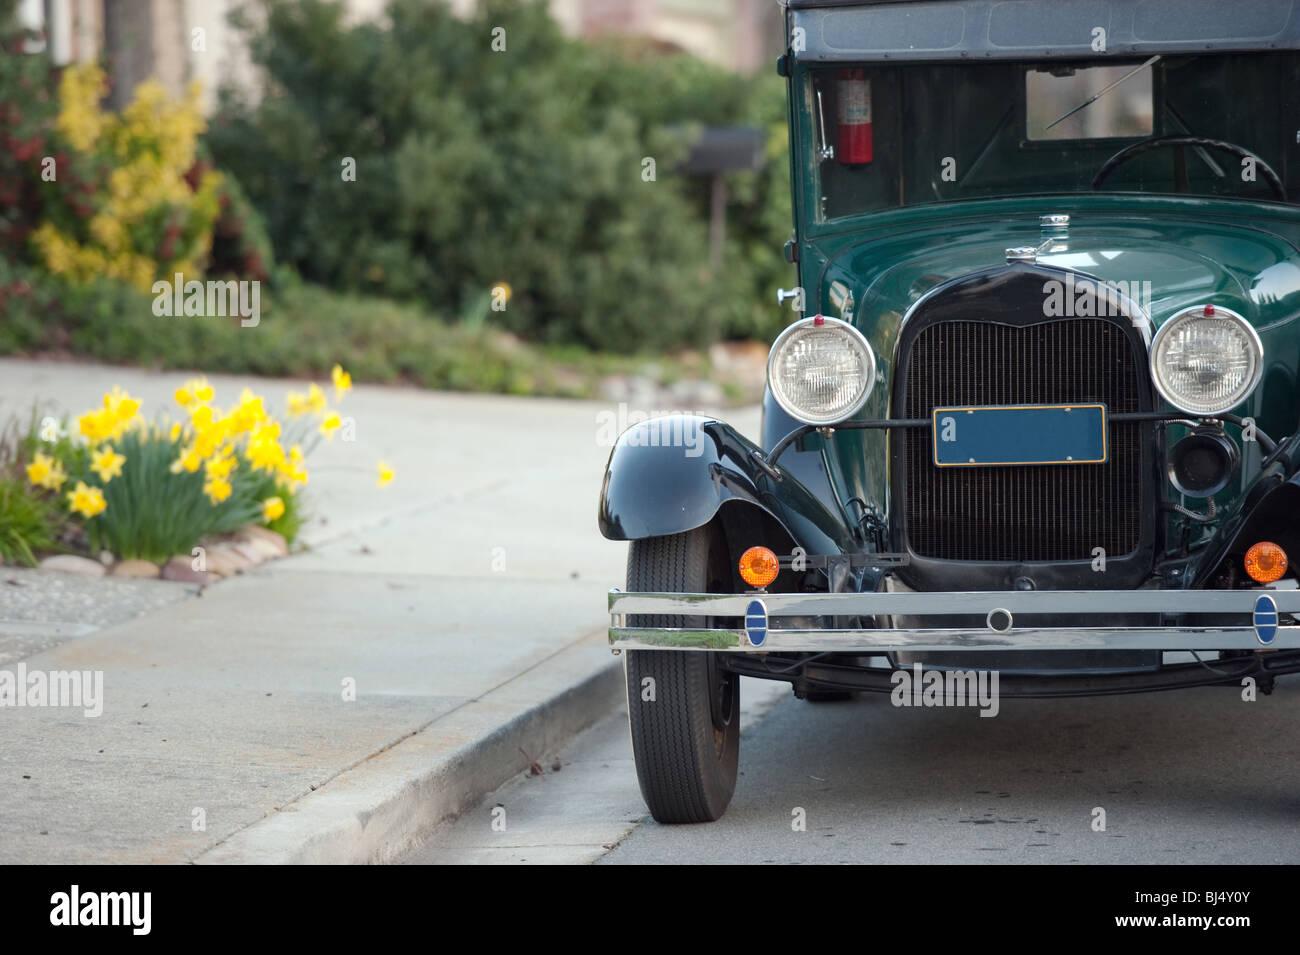 Auto aus der Vergangenheit durch den Straßenrand geparkt Stockbild